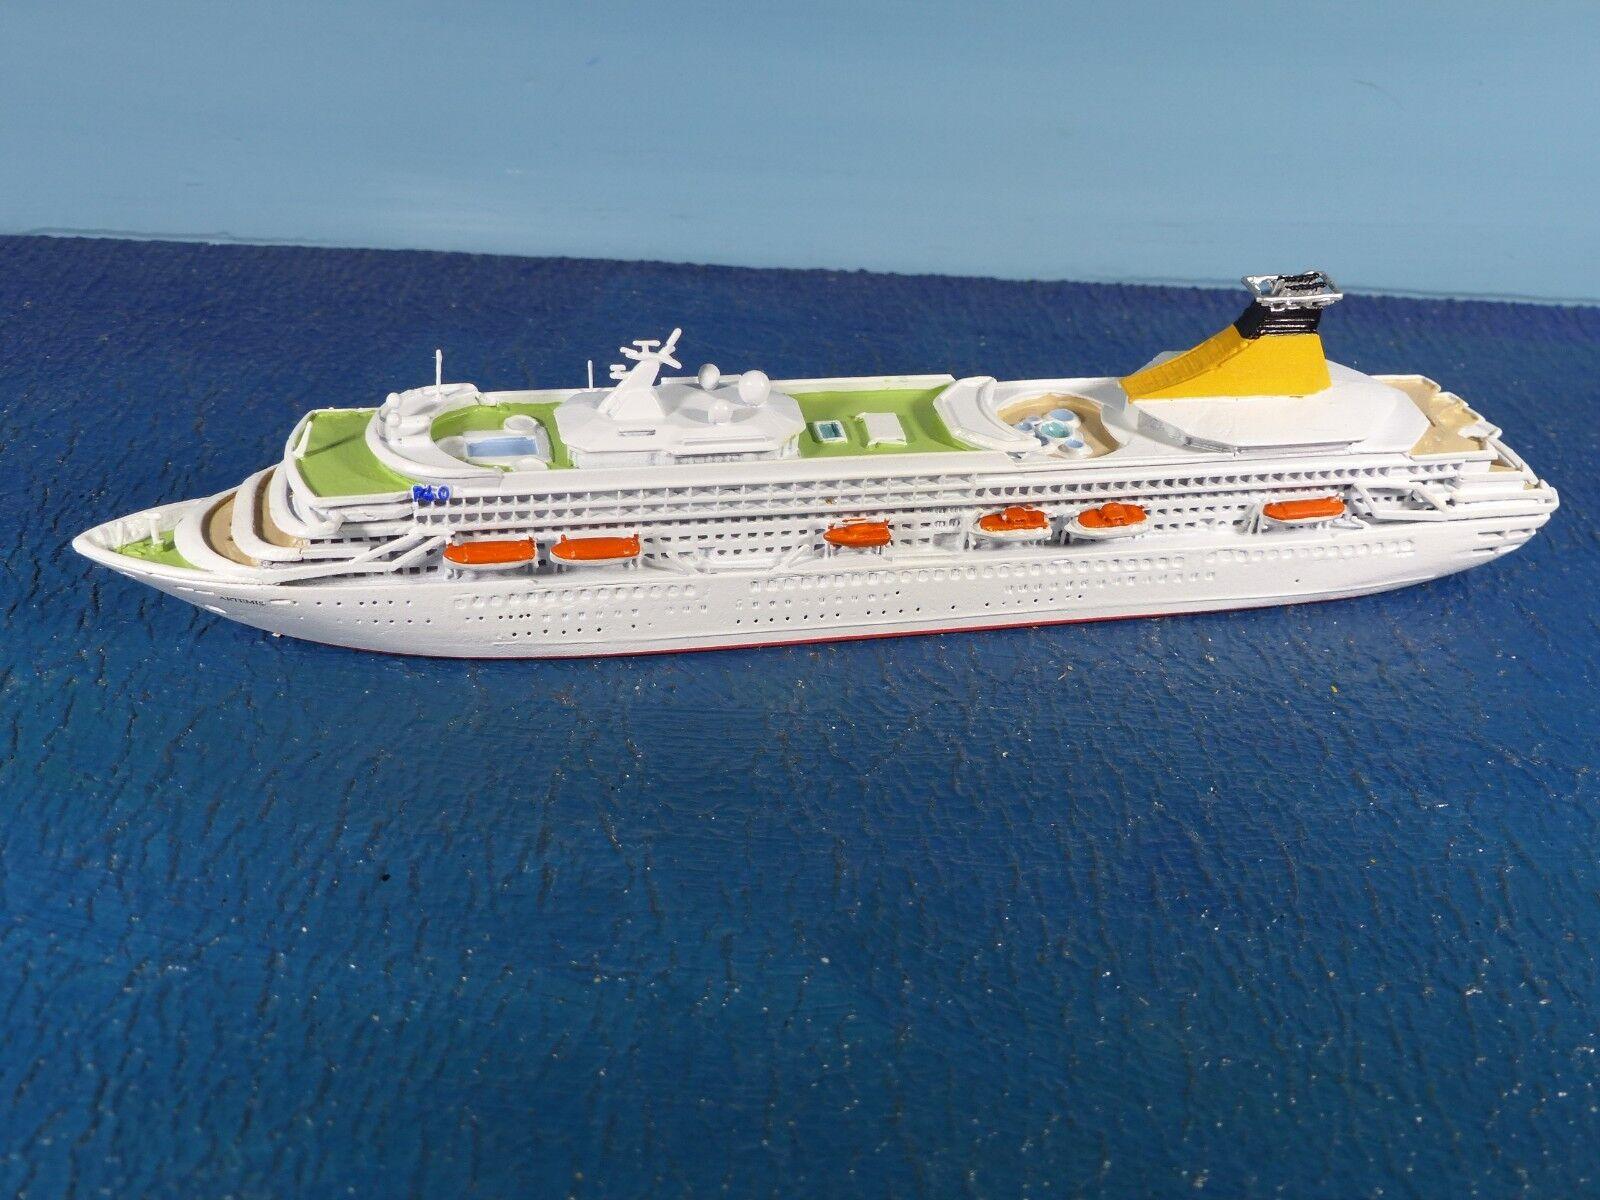 encuentra tu favorito aquí Cm barco 1 1250 gb. buque    Artemis  cm-KR 445 novedad OVP  marca famosa